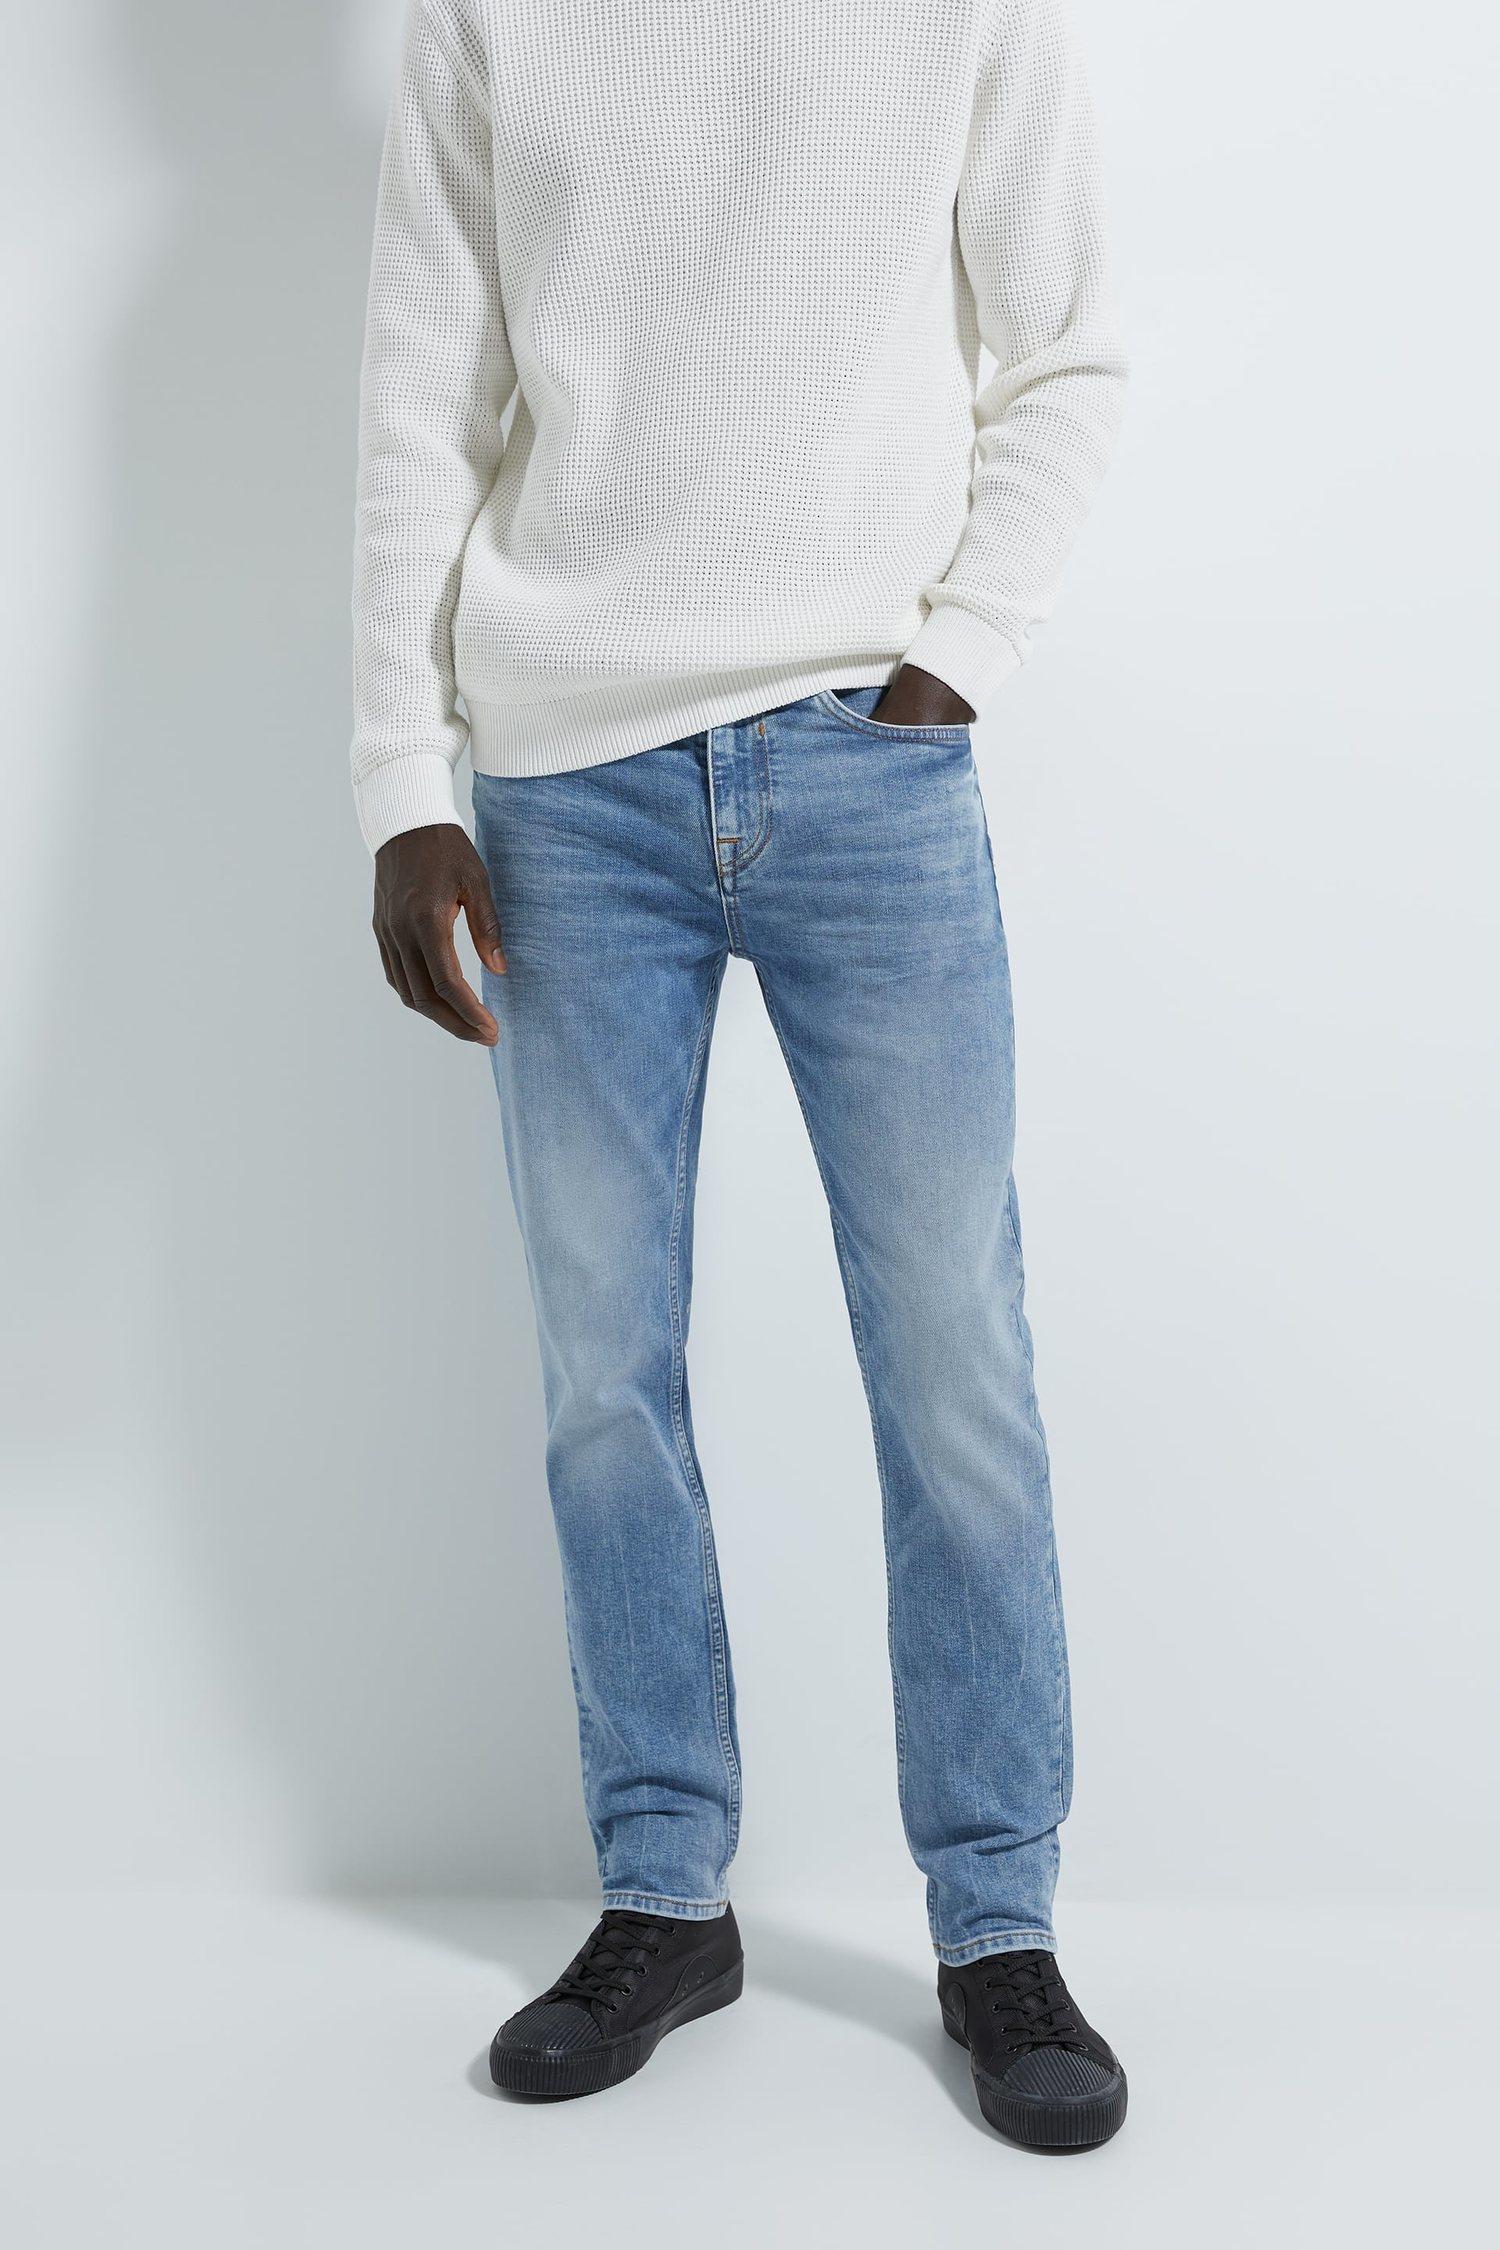 Slim es la perfecta opción para llevar un pantalón ajustado sin que resulte demasiado incomodo.